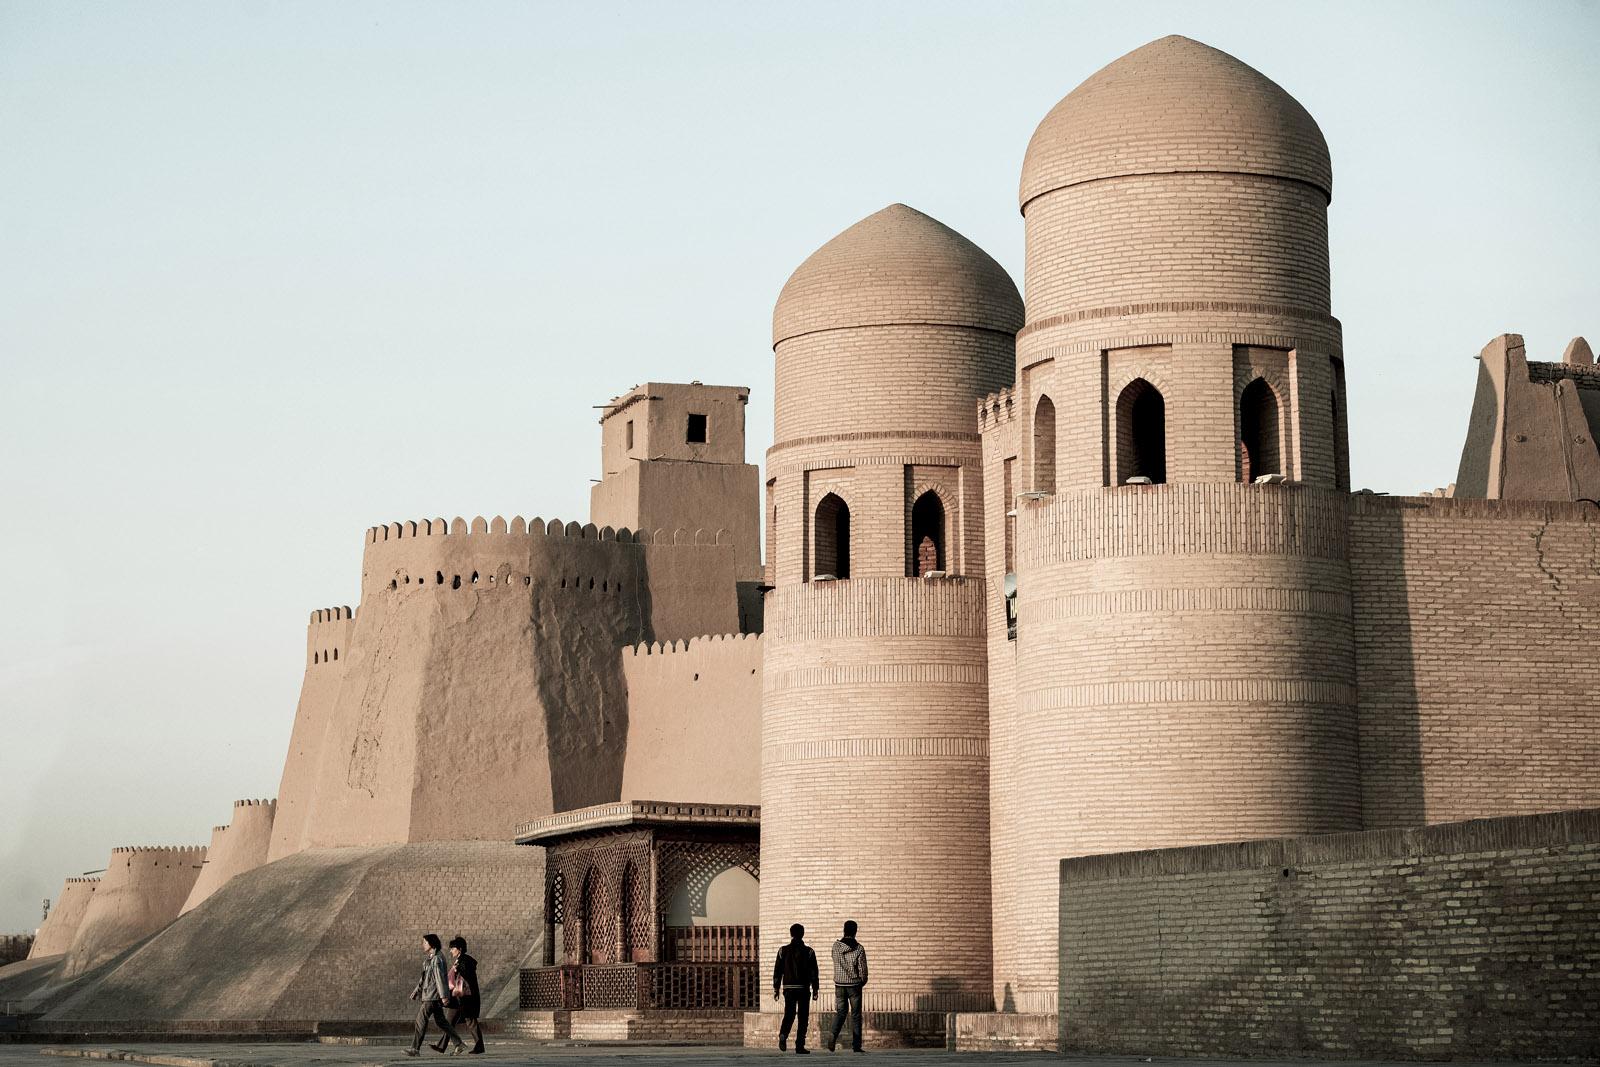 """Entrada principal de Jiva, Uzbekistan. Itchan Kala, antiguo, homogéneo y mejor conservado complejo urbano de Uzbekistán que fue declarado por la UNESCO """"Ciudad Museo"""" en 1967. Foto © Ezequiel Scagnetti."""